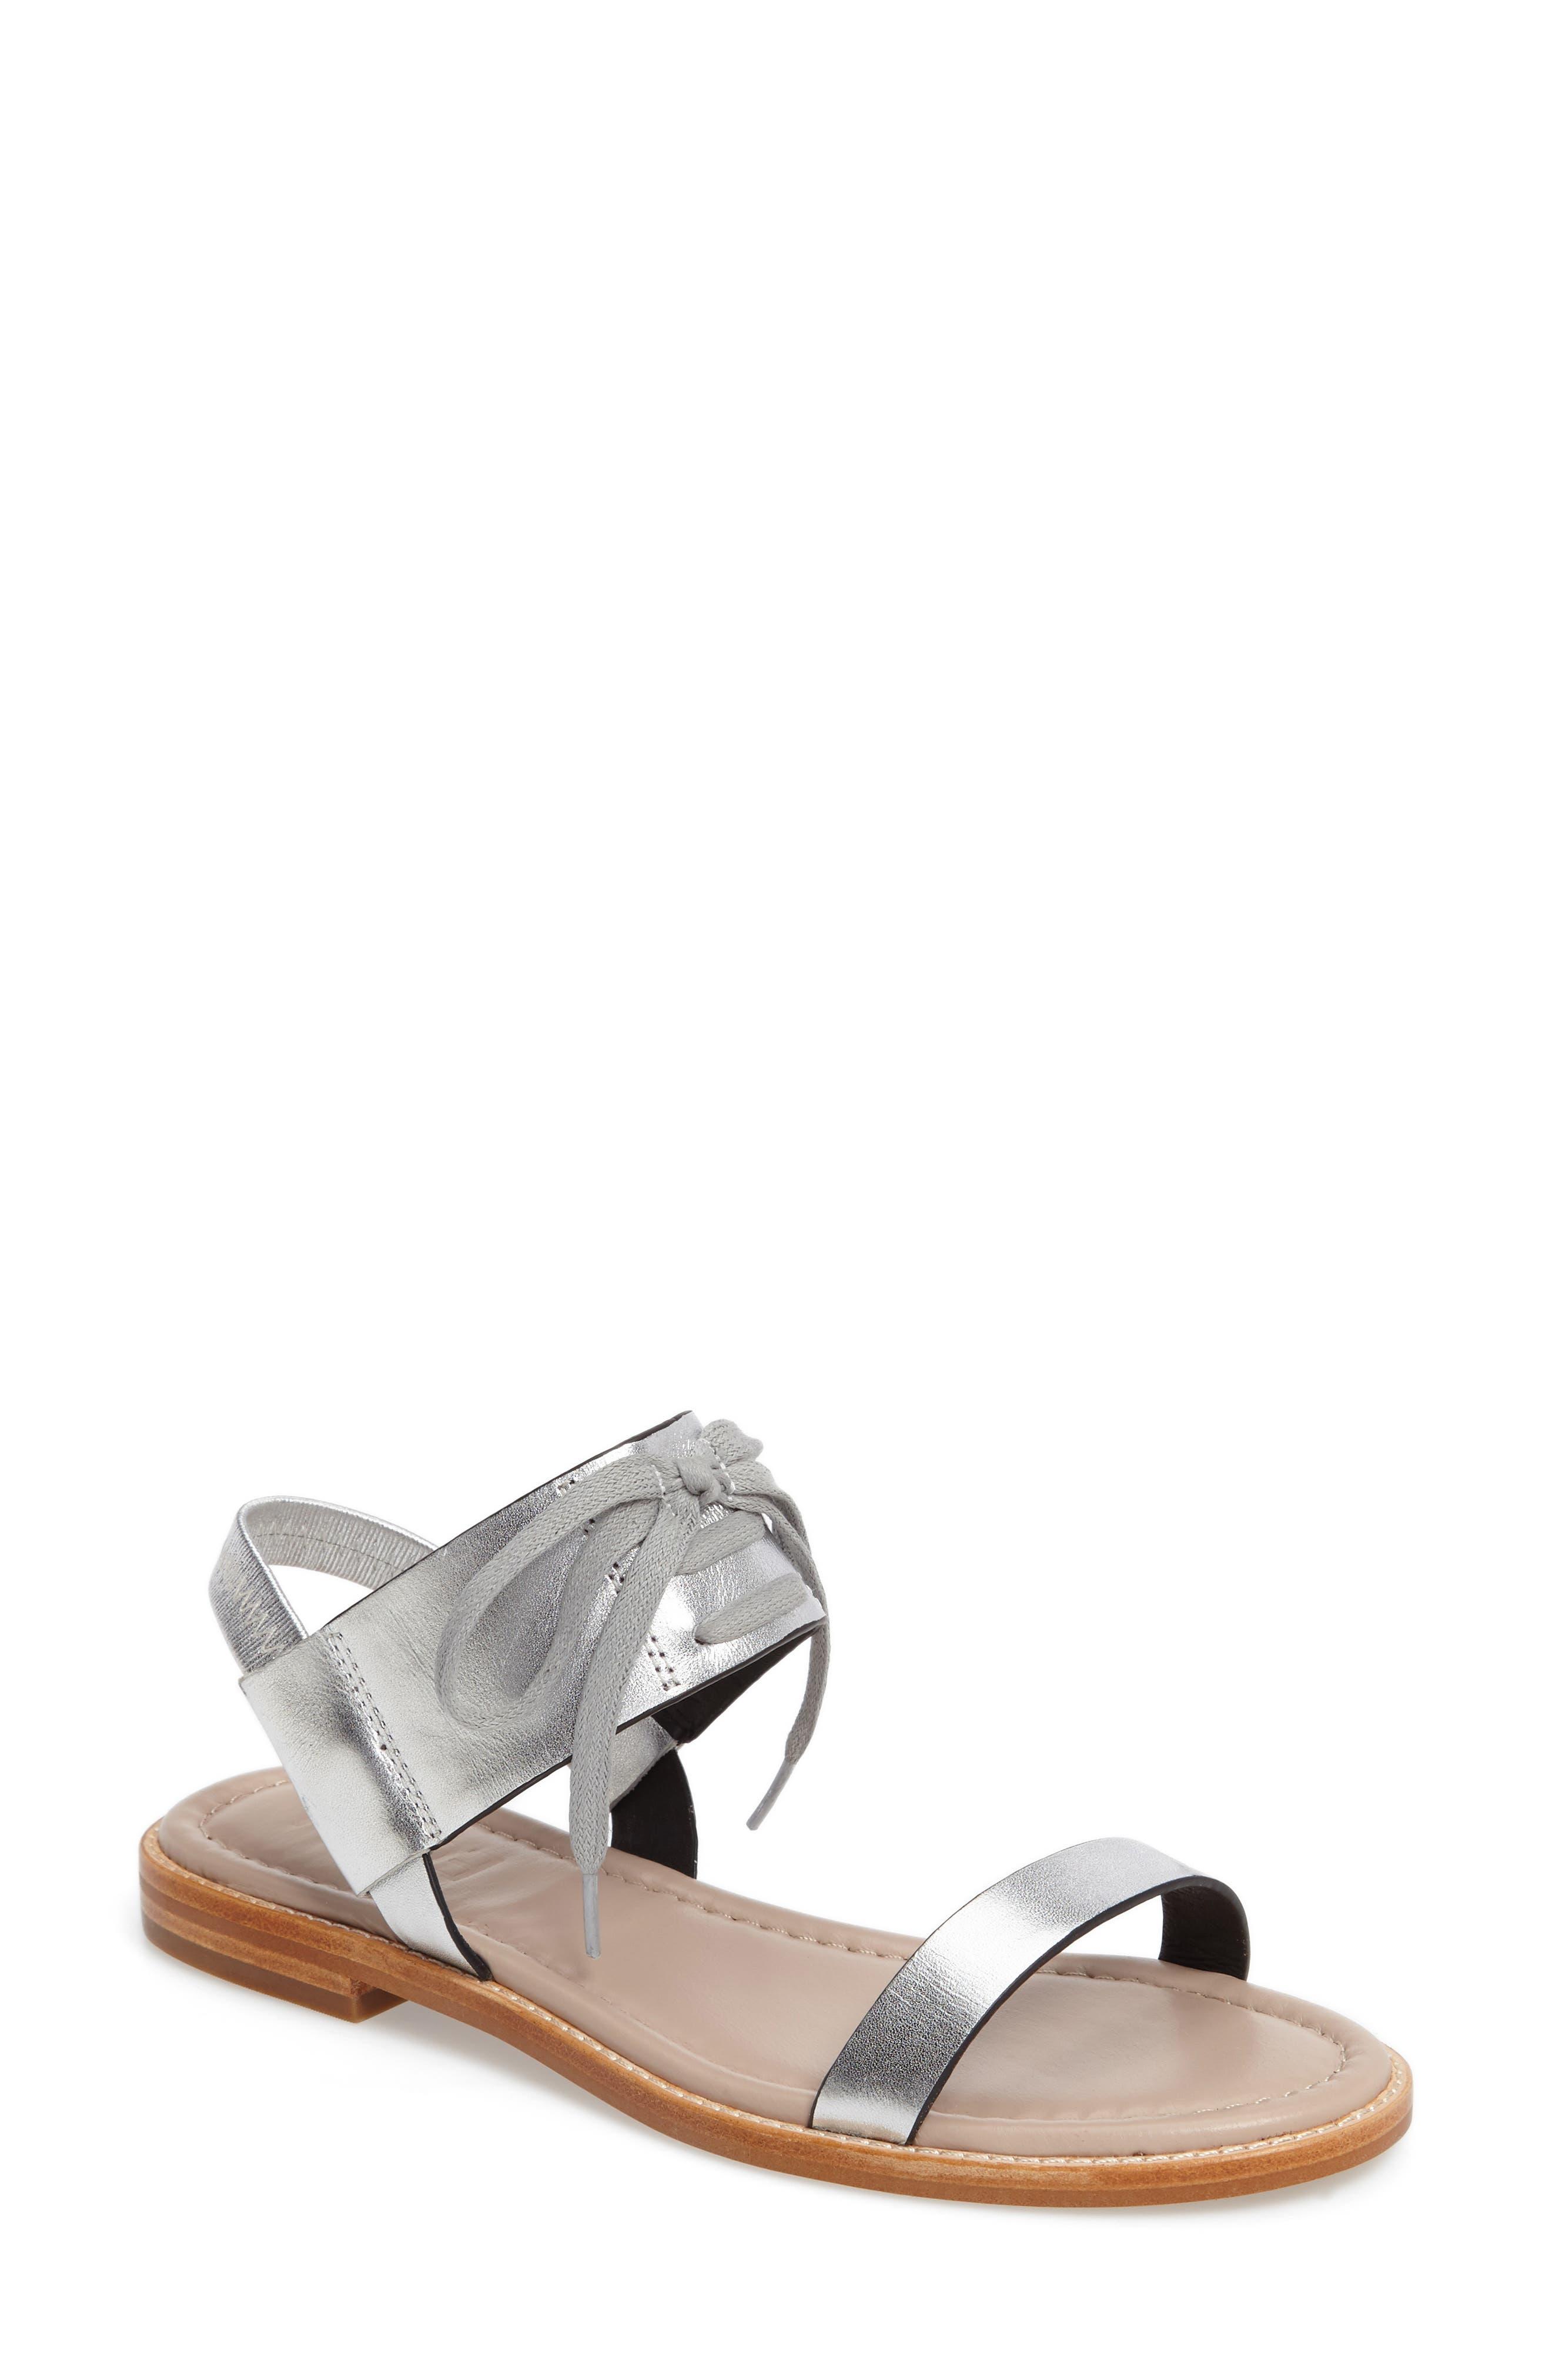 M4D3 Hailey Slingback Sandal (Women)